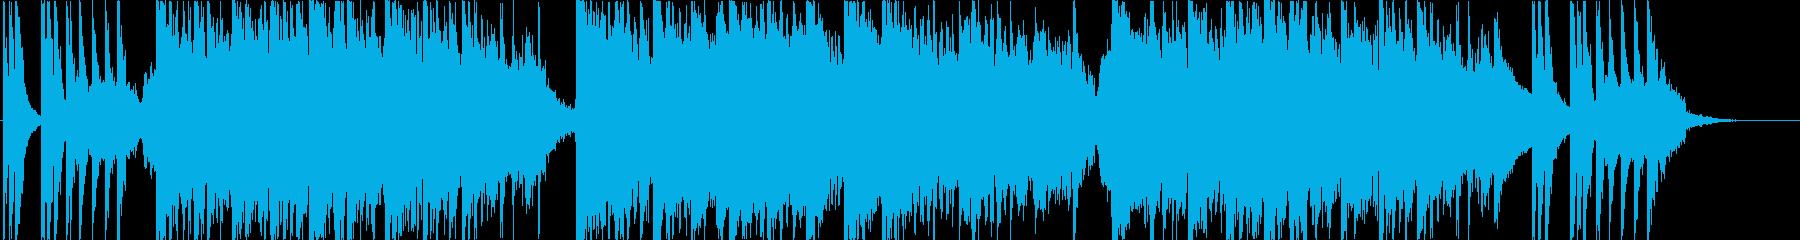 エキゾチックなテーマ曲の再生済みの波形